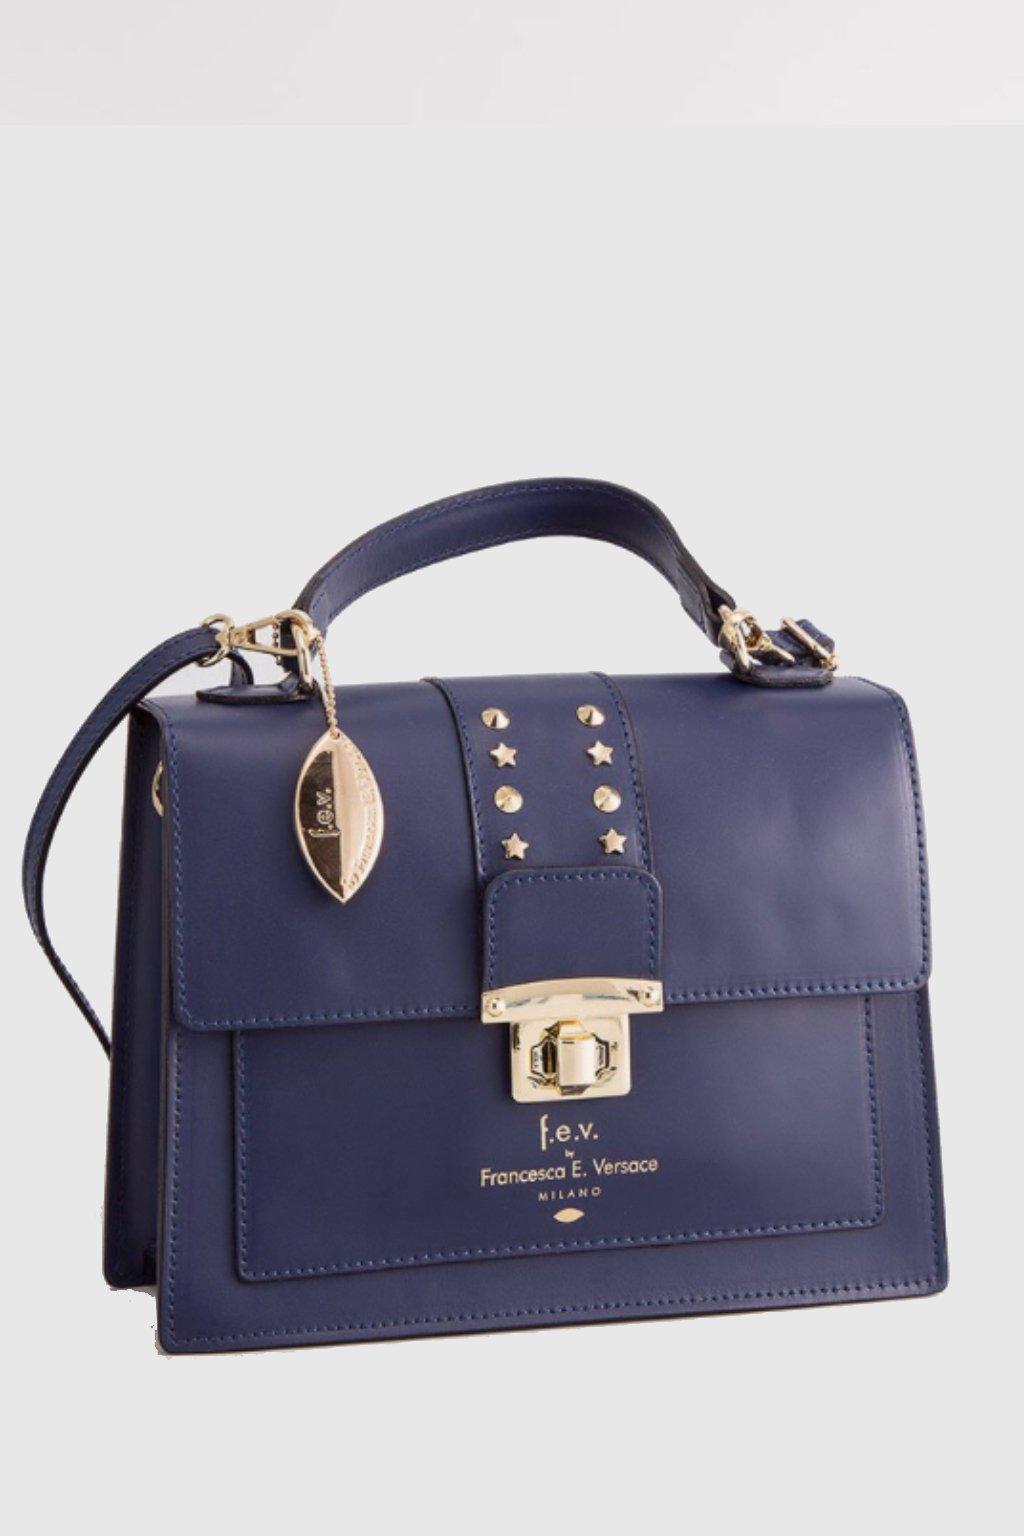 Luxusni damska kabelka Versace v tmav modre barve (4)